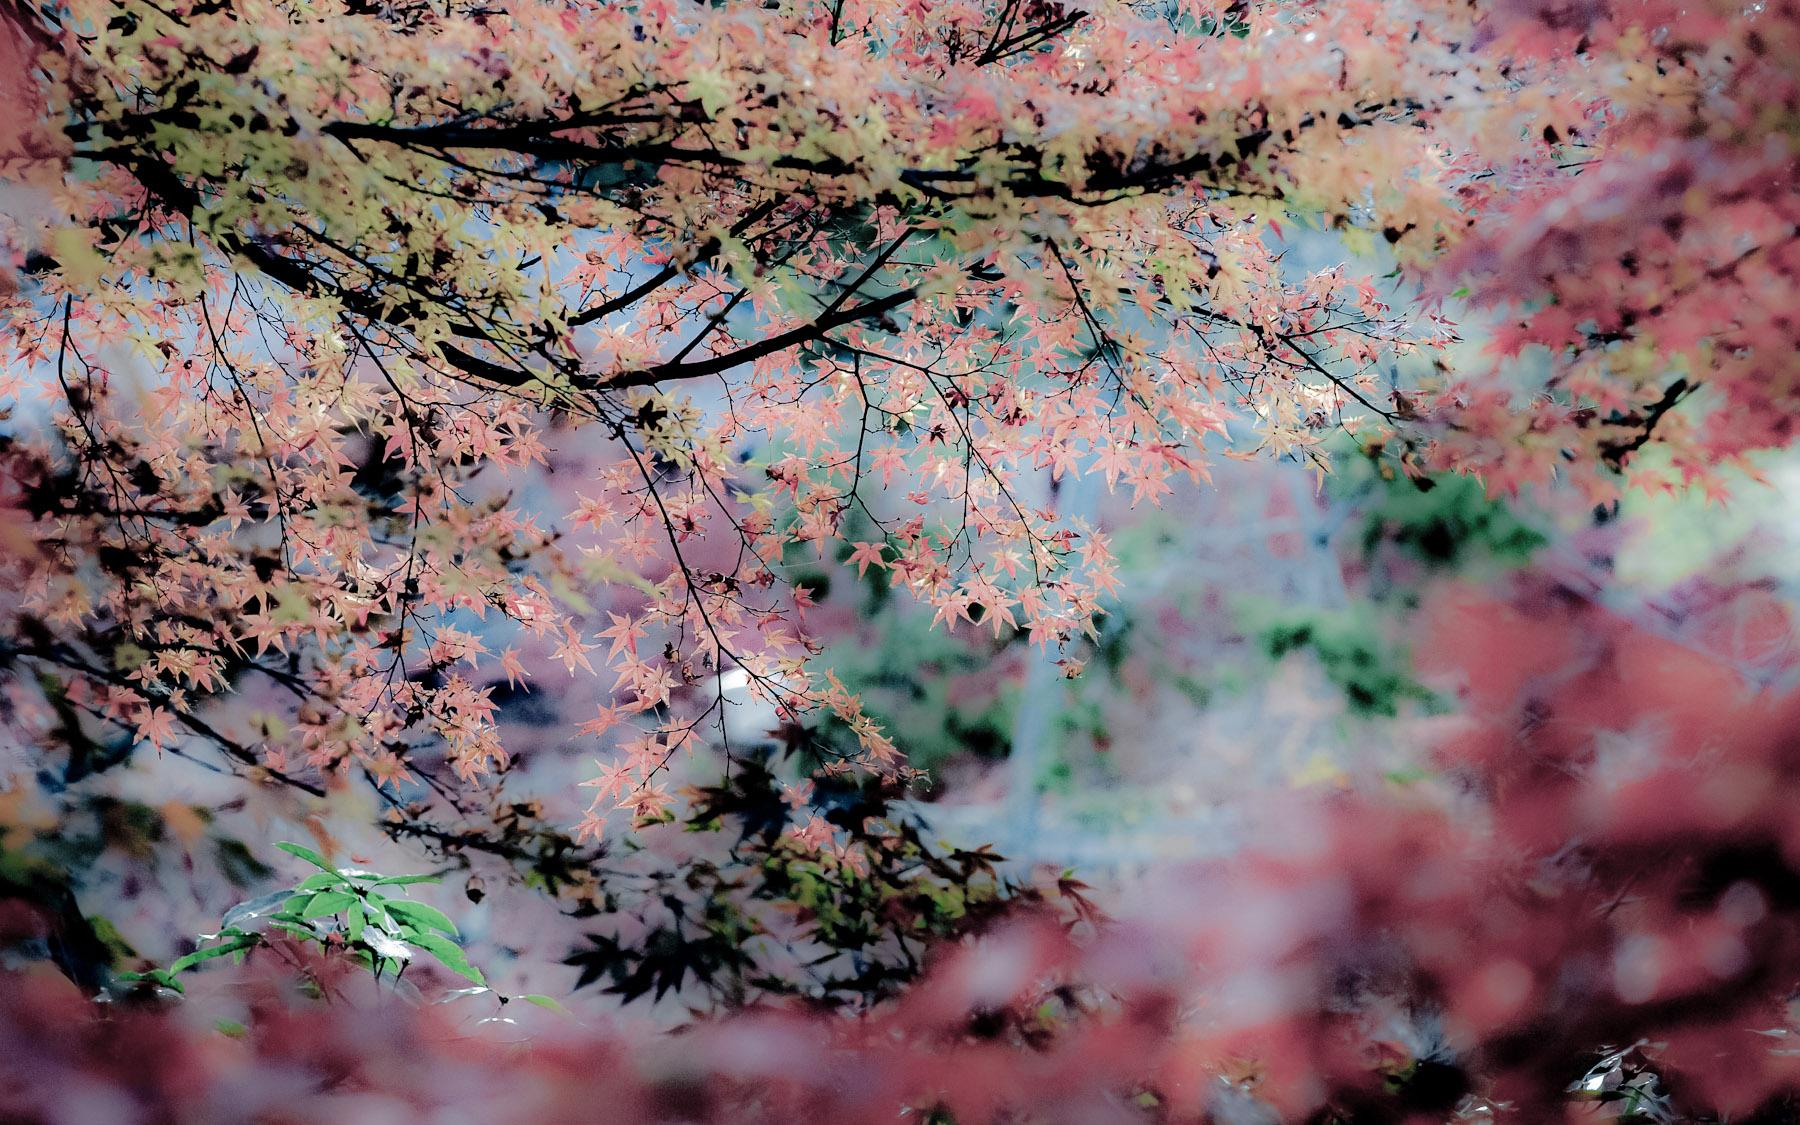 Calm Backgrounds For Desktop Desktop Background Image of a